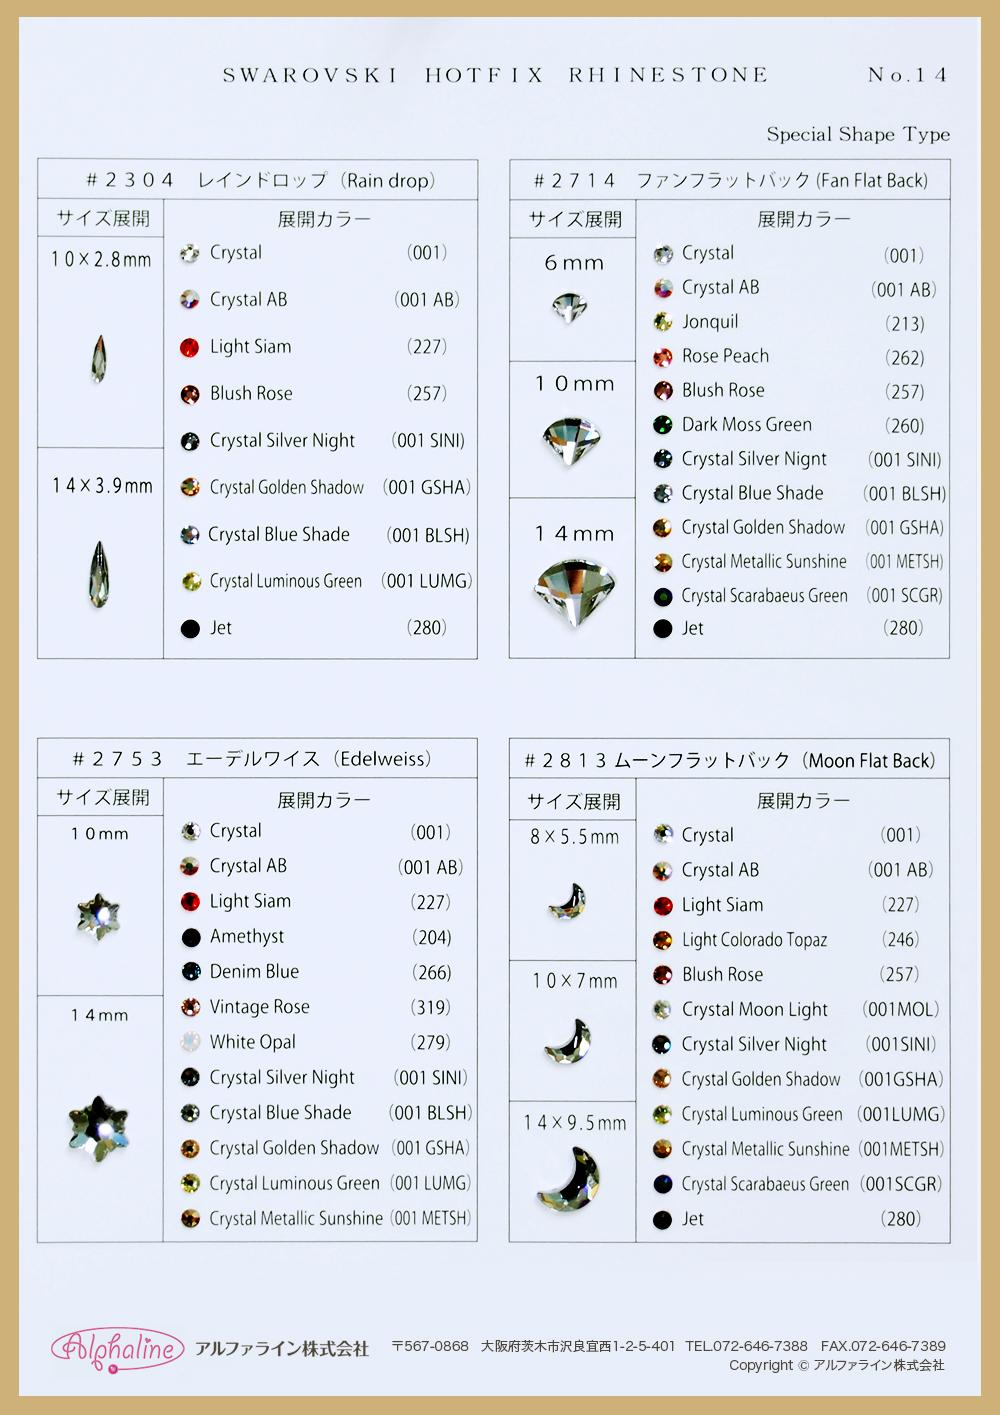 No.14/ホットフィックスラインストーン 【Special Shape Type】